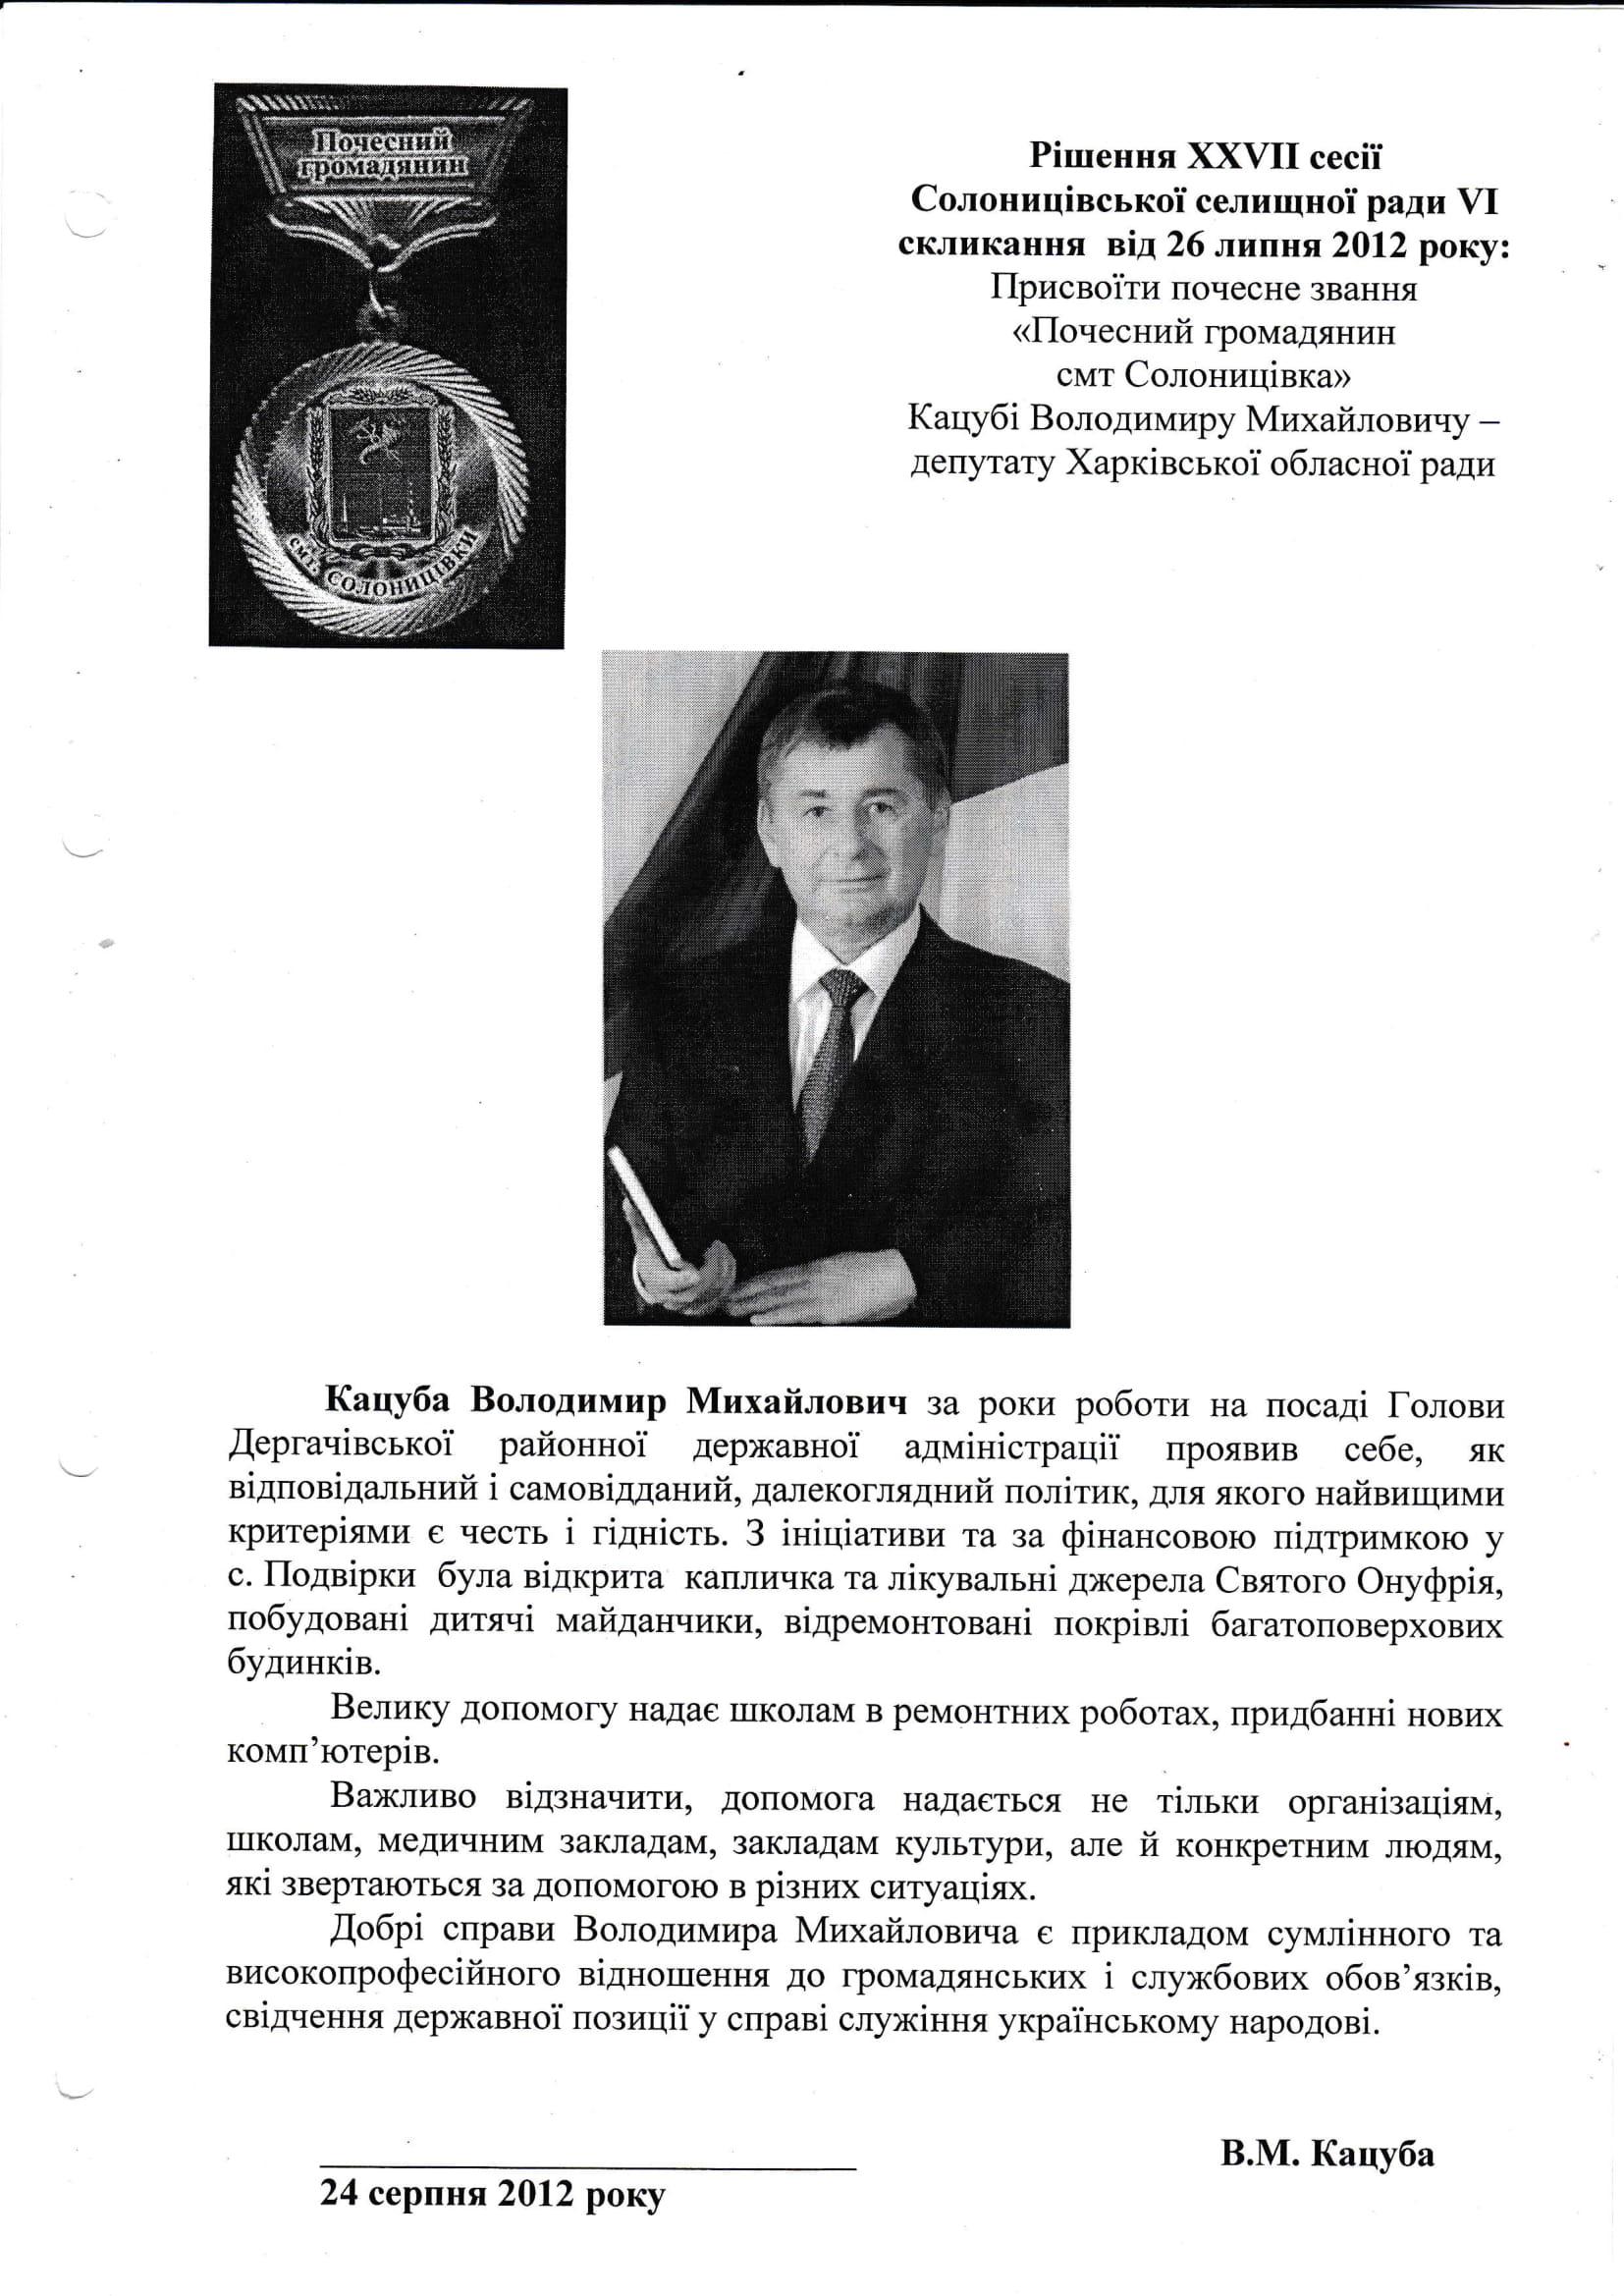 Кацуба Володимир Михайлович